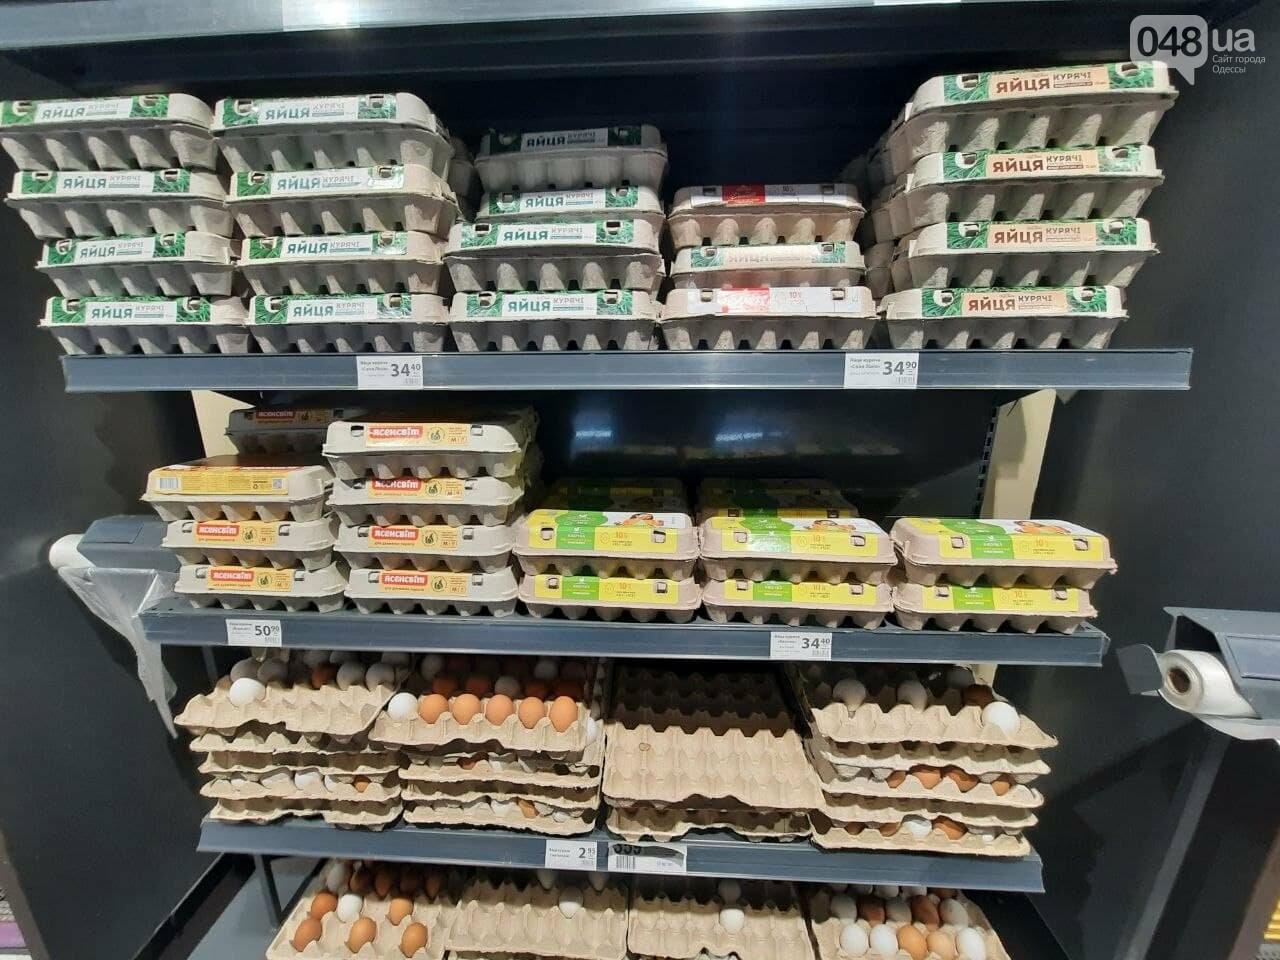 Где купить куриные яйца по самой выгодной цене: супермаркеты Одессы, - ФОТО, фото-4